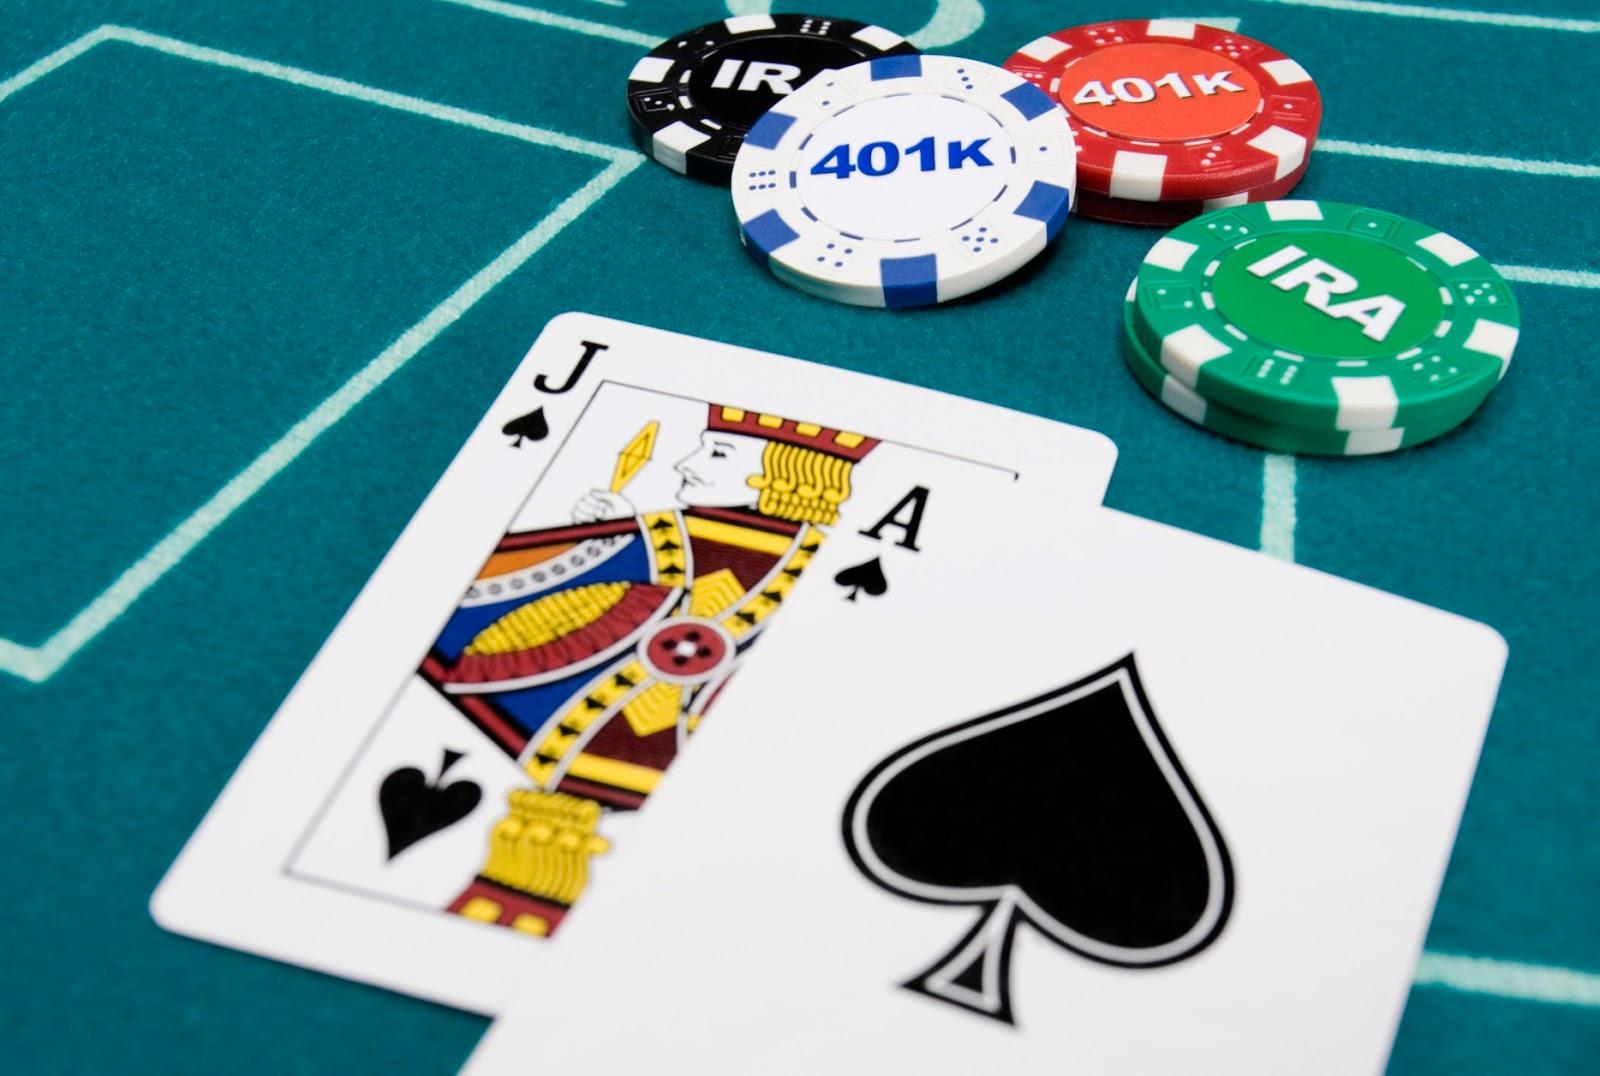 Ricarica conto gioco lottomatica